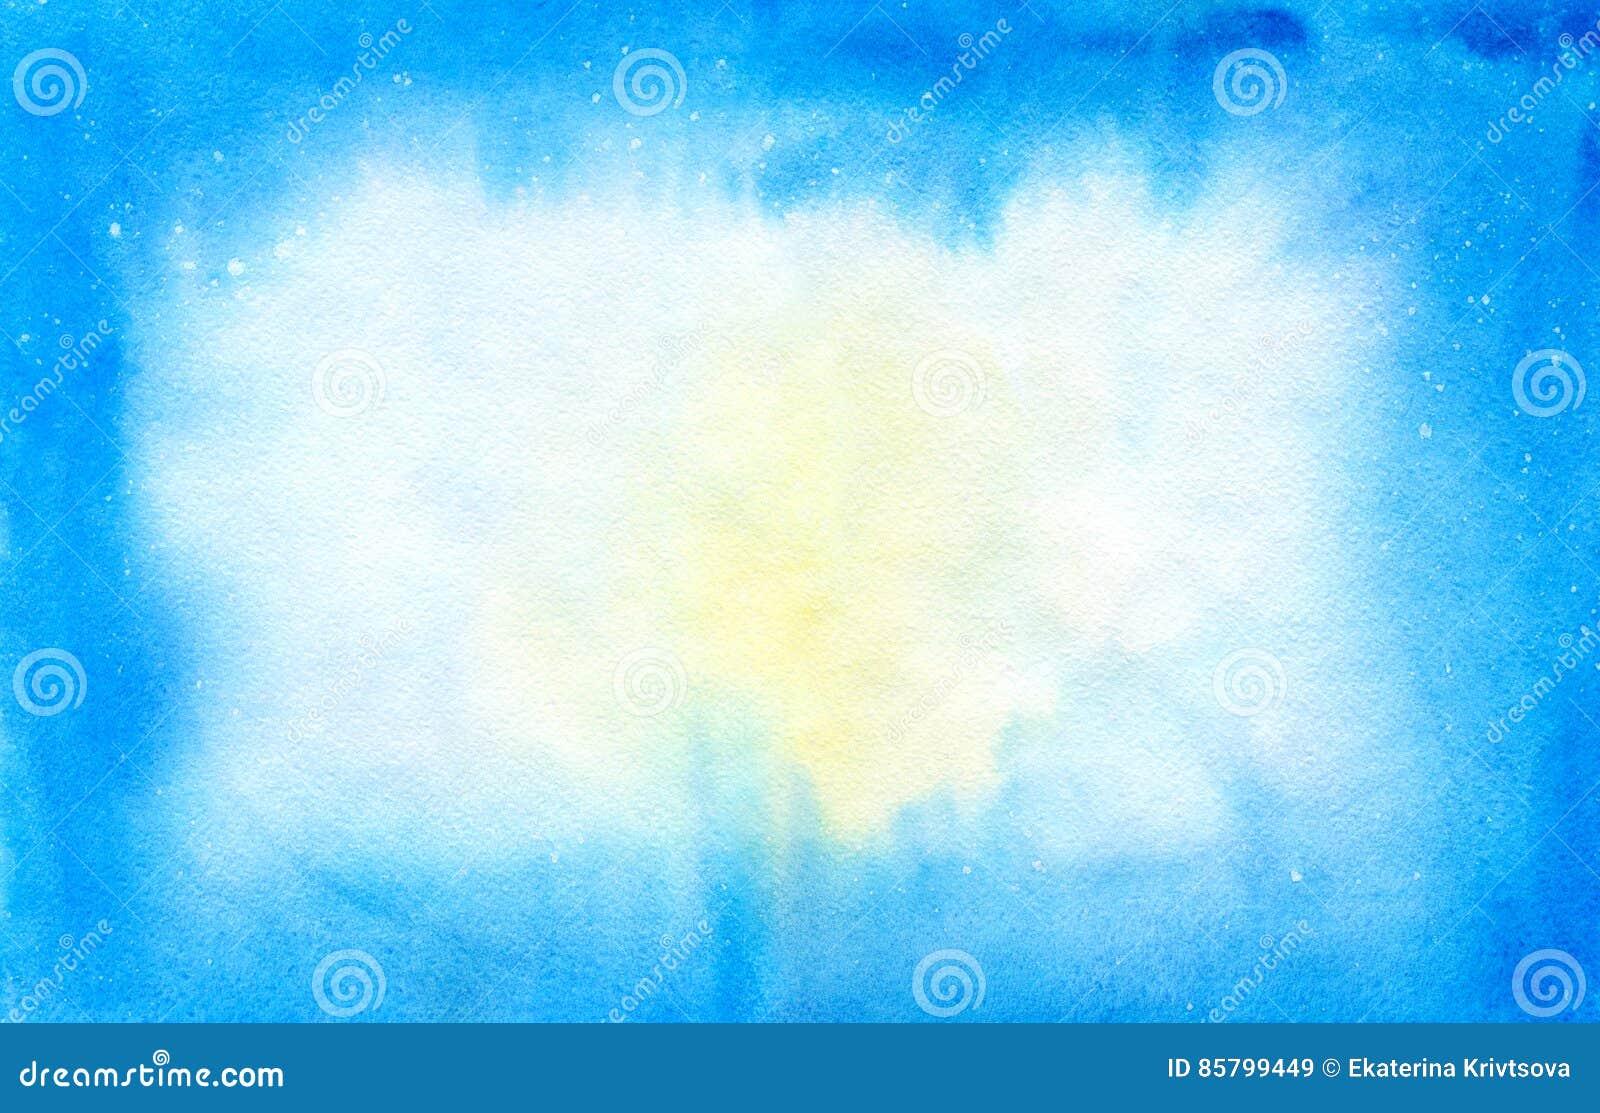 水彩蓝色和白色背景